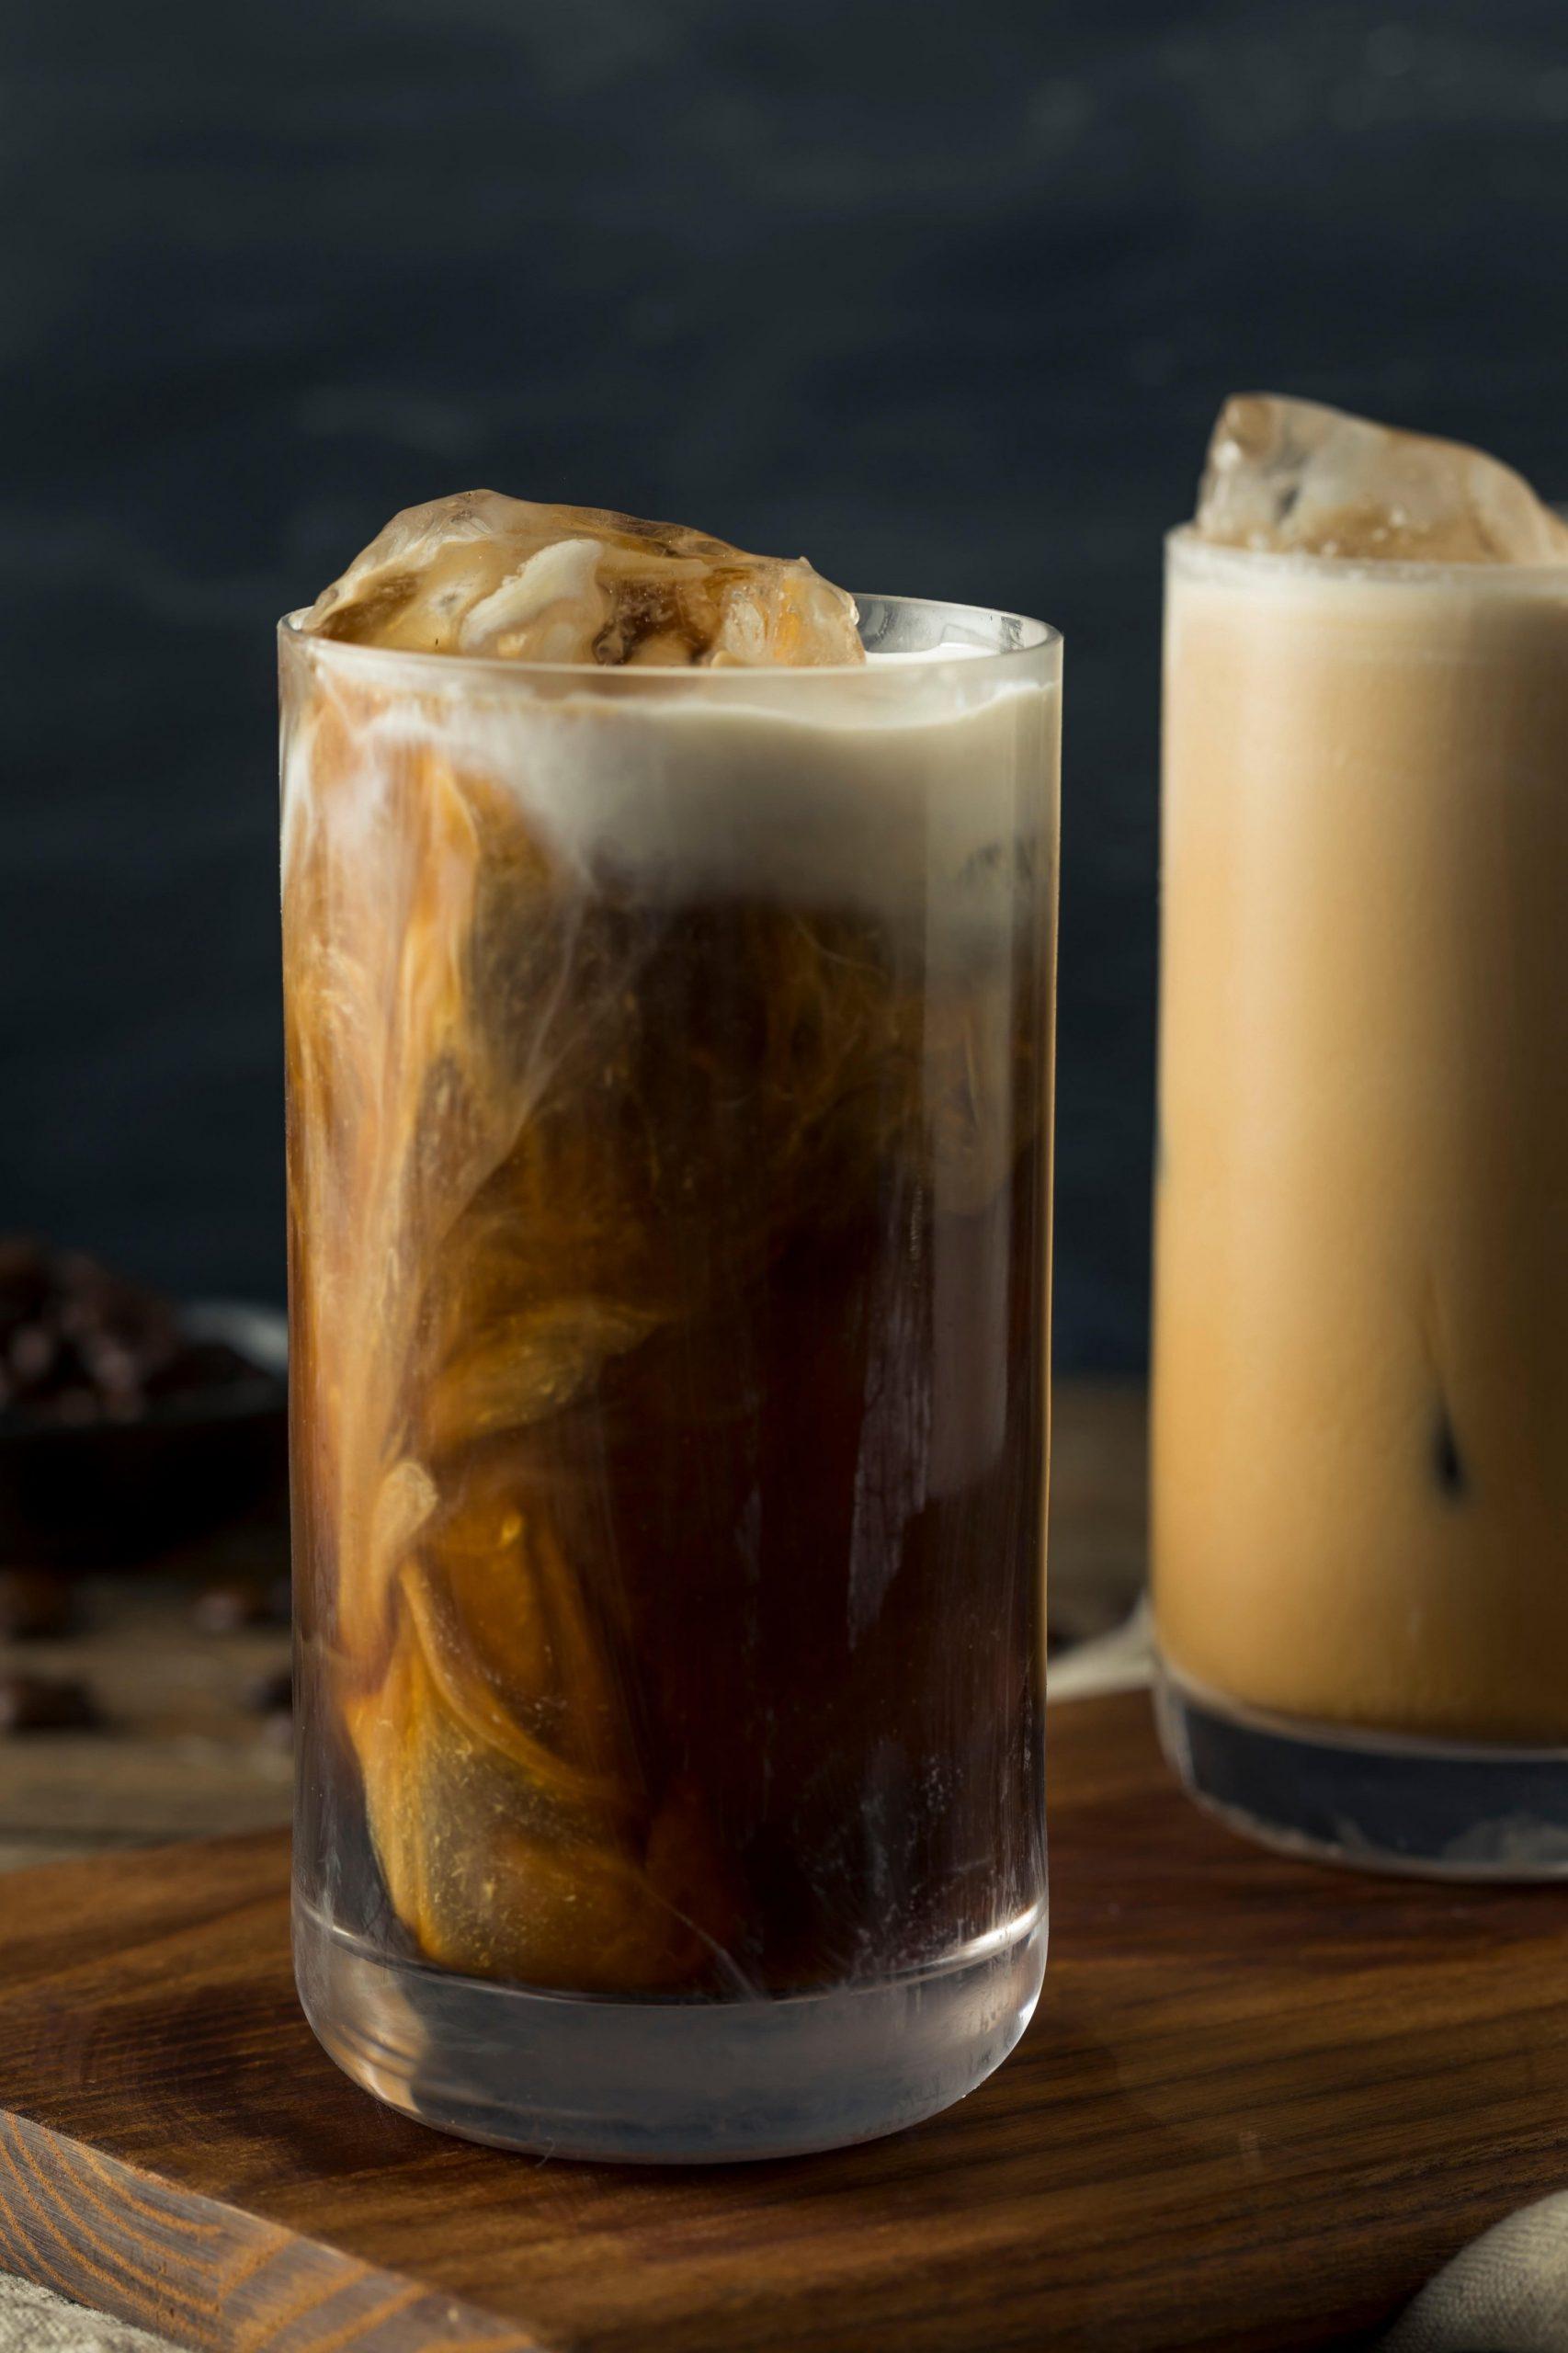 Thai ledena kafa